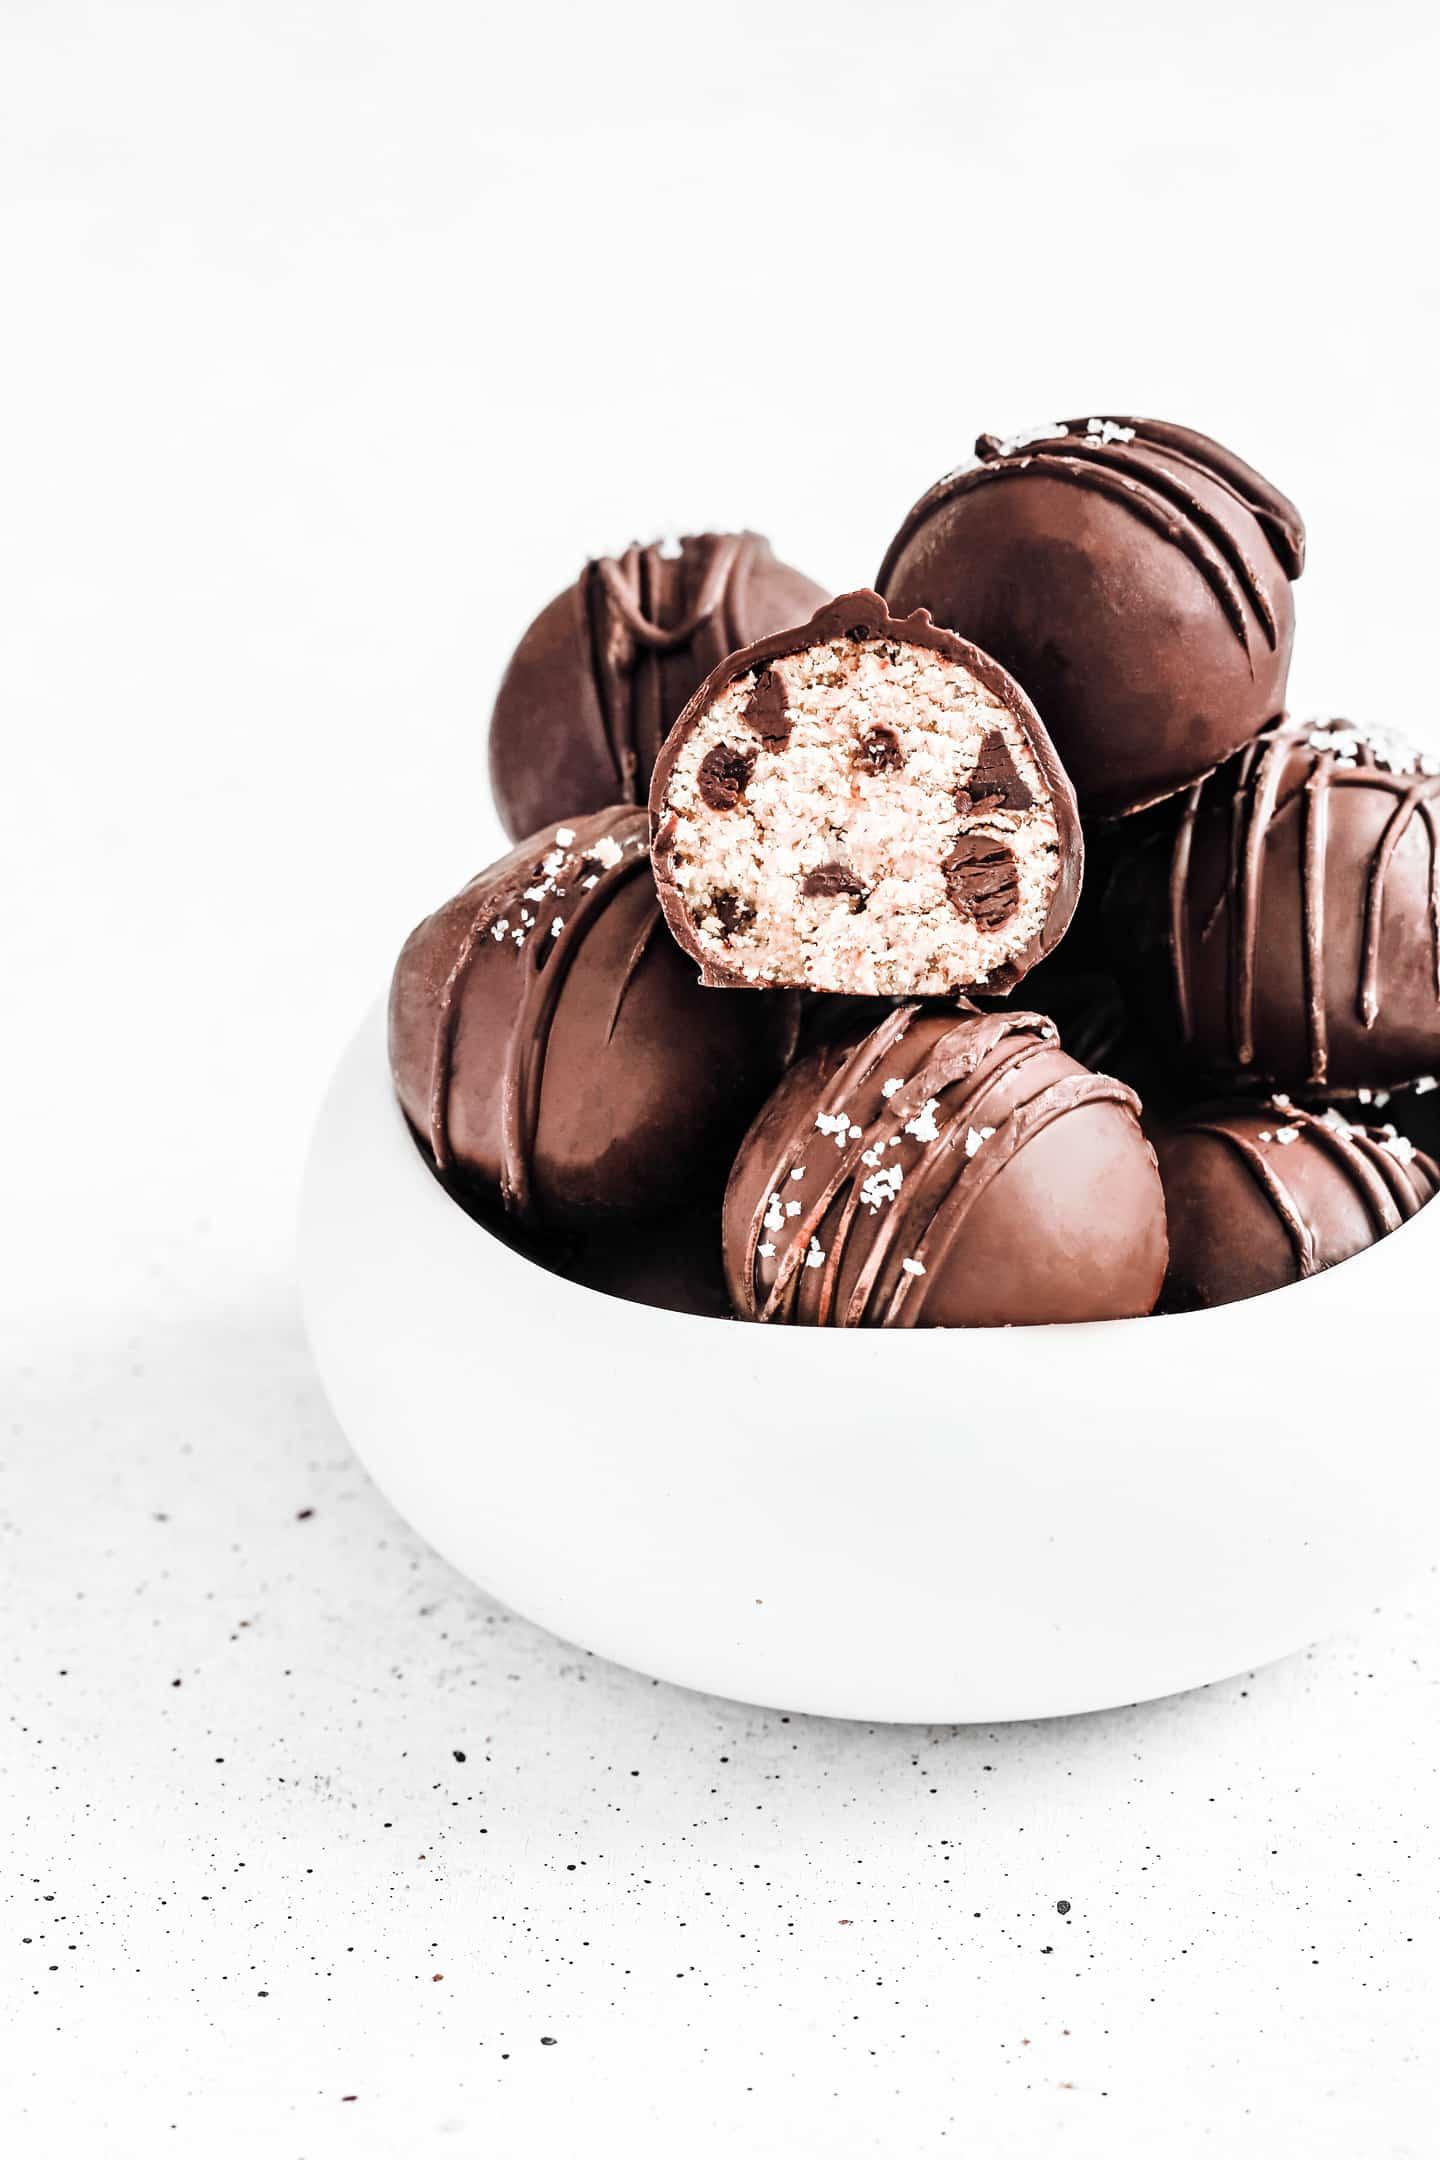 Recette facile des truffes healthy maison